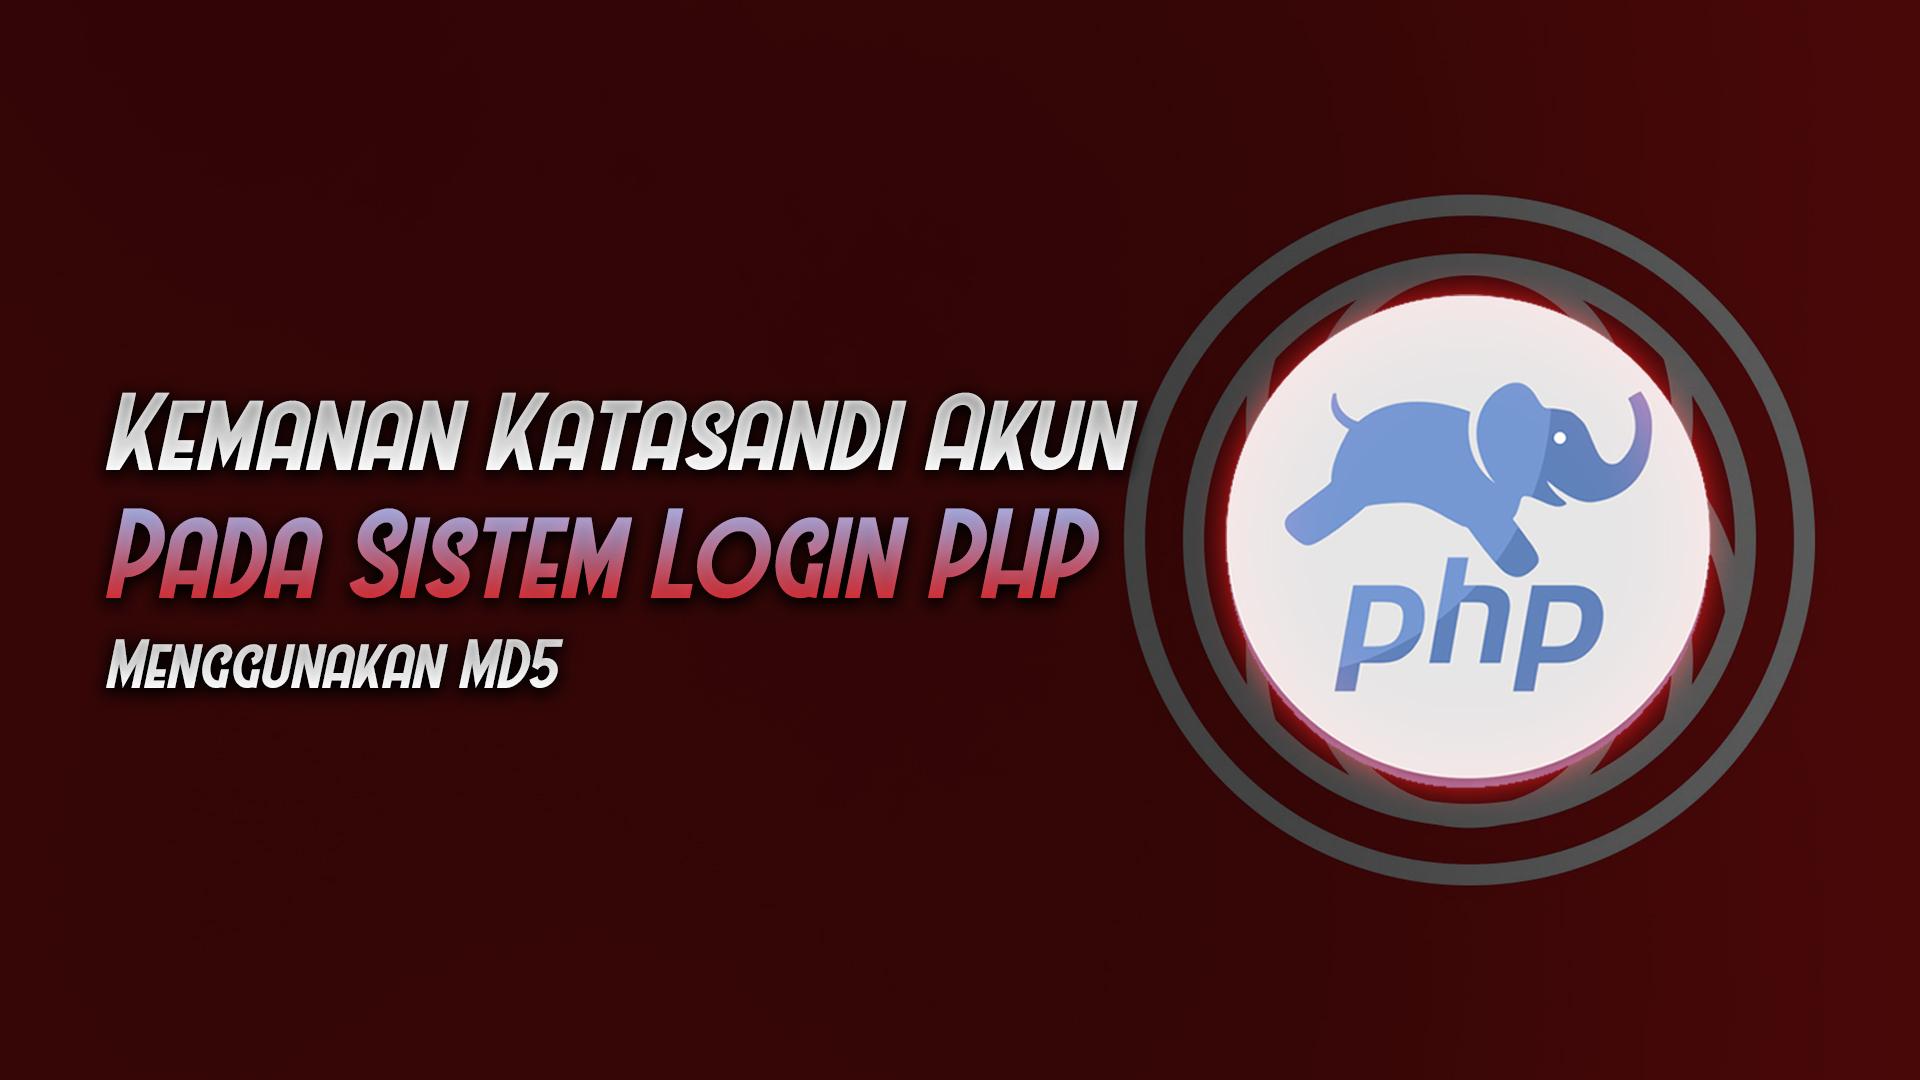 membuat sistem login dengan password keamanan md5 - rio bermano.jpg